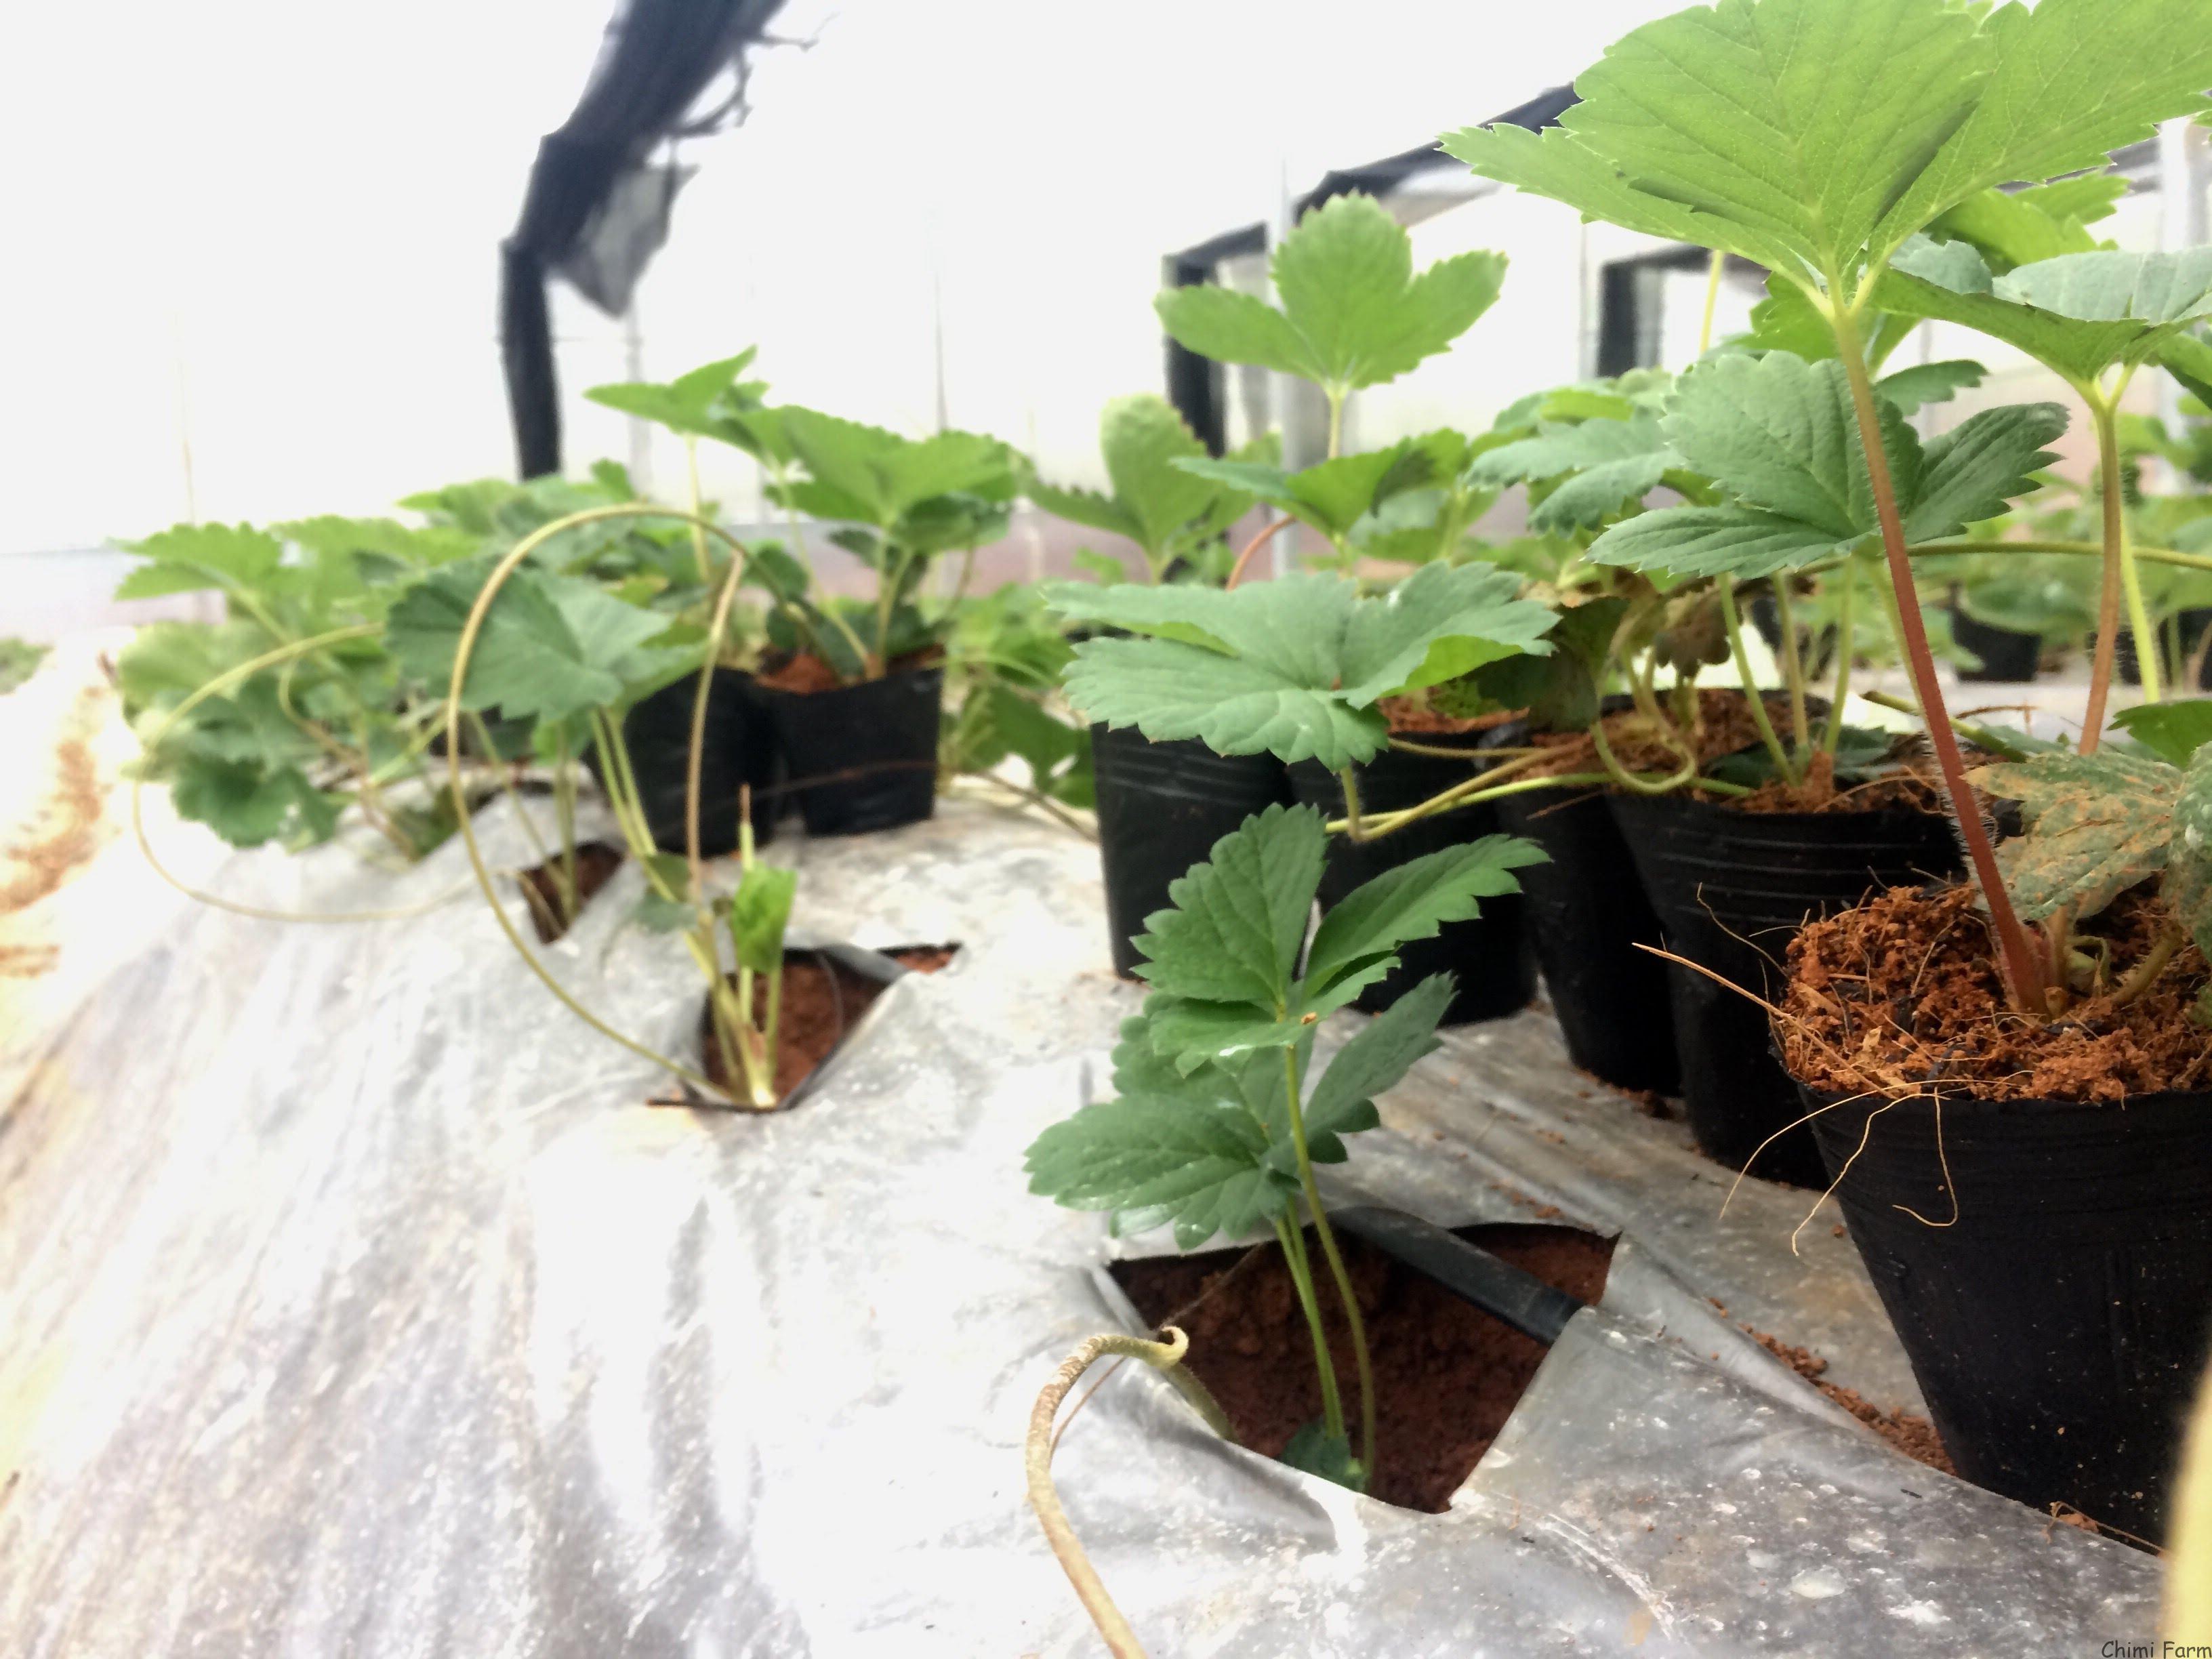 Hướng dẫn cách trồng dâu tây tại Miền Bắc của Chimi Farm